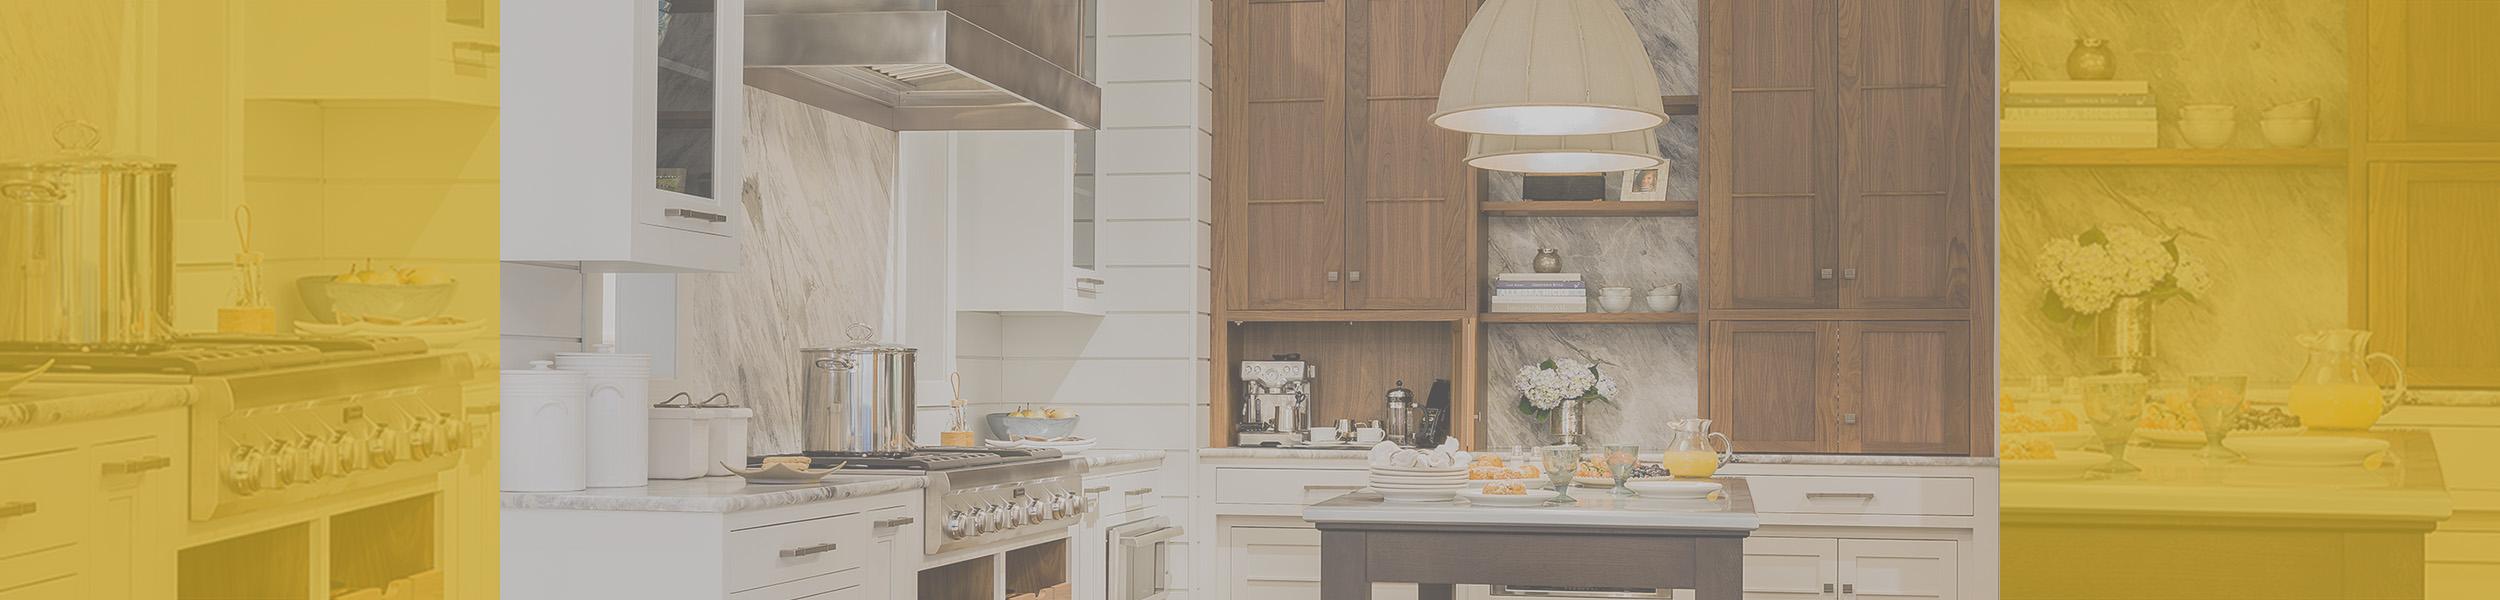 signature custom cabinetry